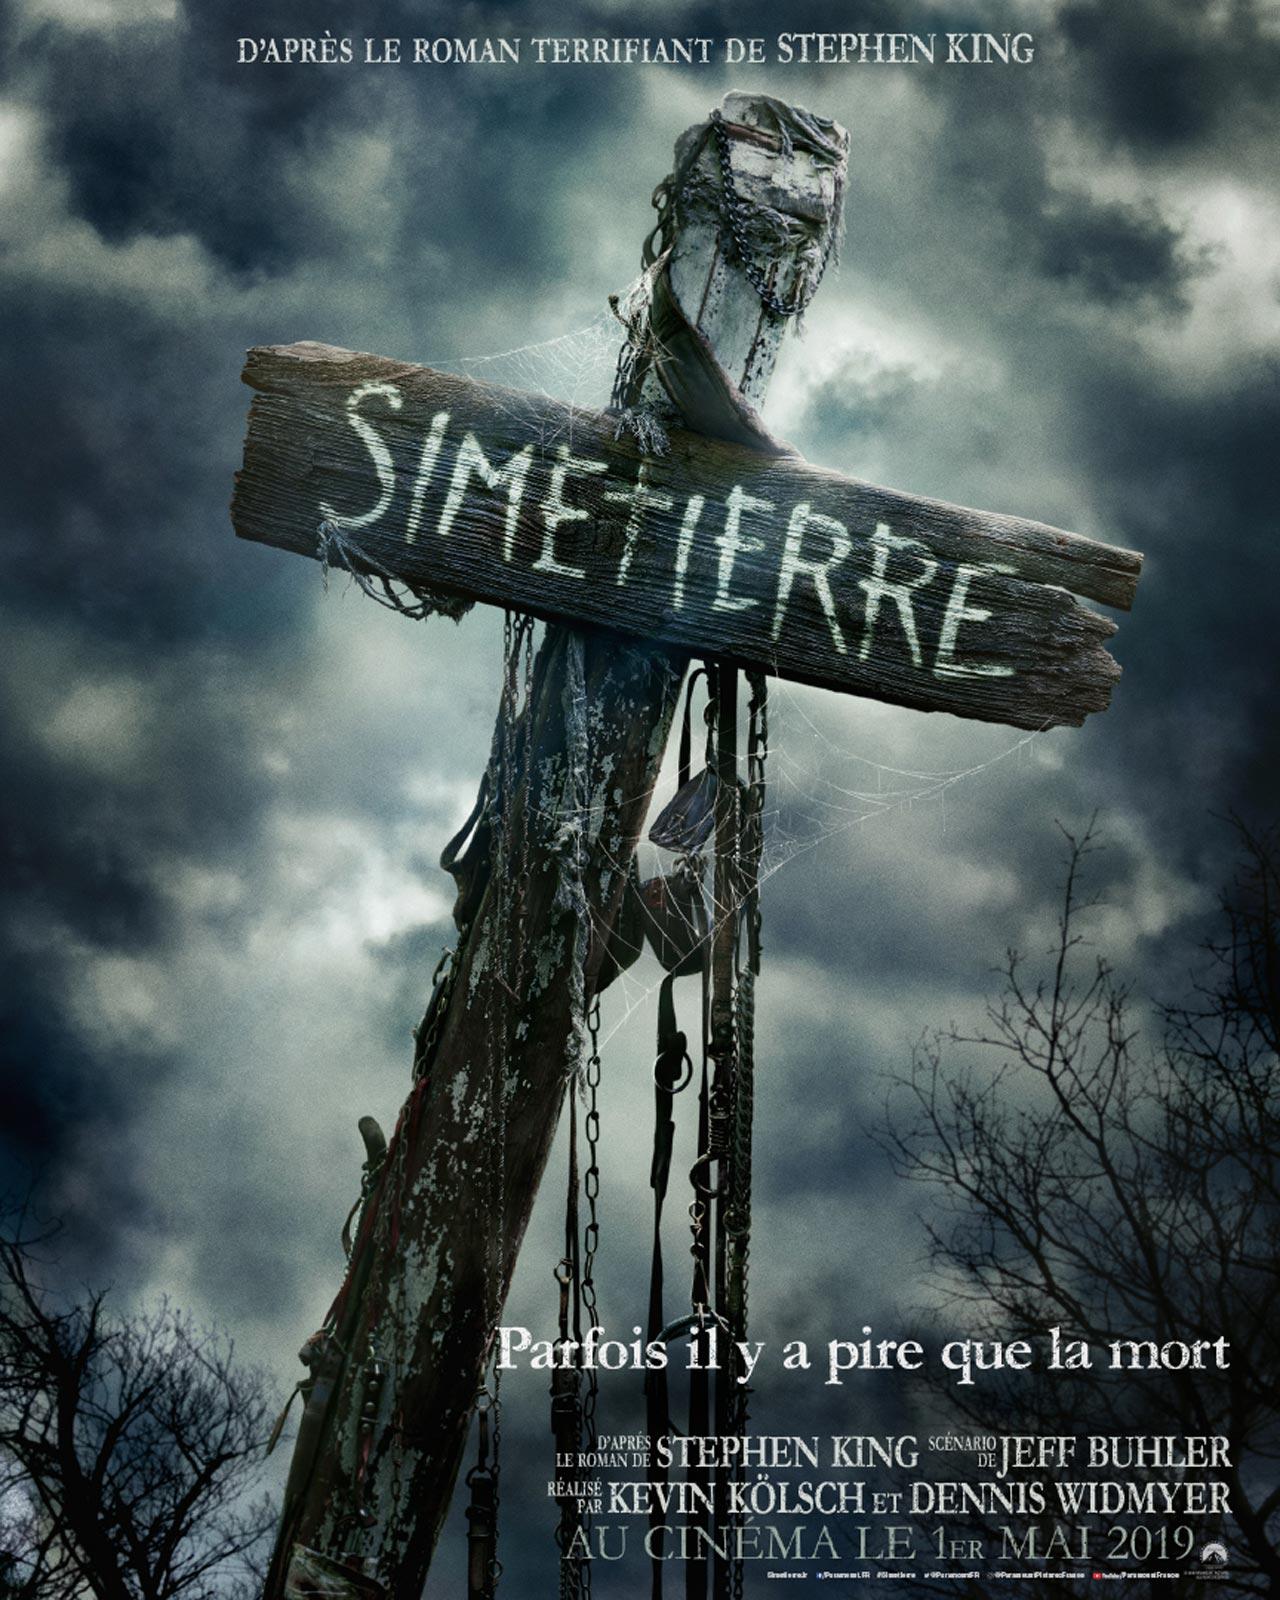 Affiche française teaser du film Simetierre (2019) réalisé par Kevin Kölsch et Dennis Widmyer avec Jason Clarke, Amy Seimetz, John Lithgow